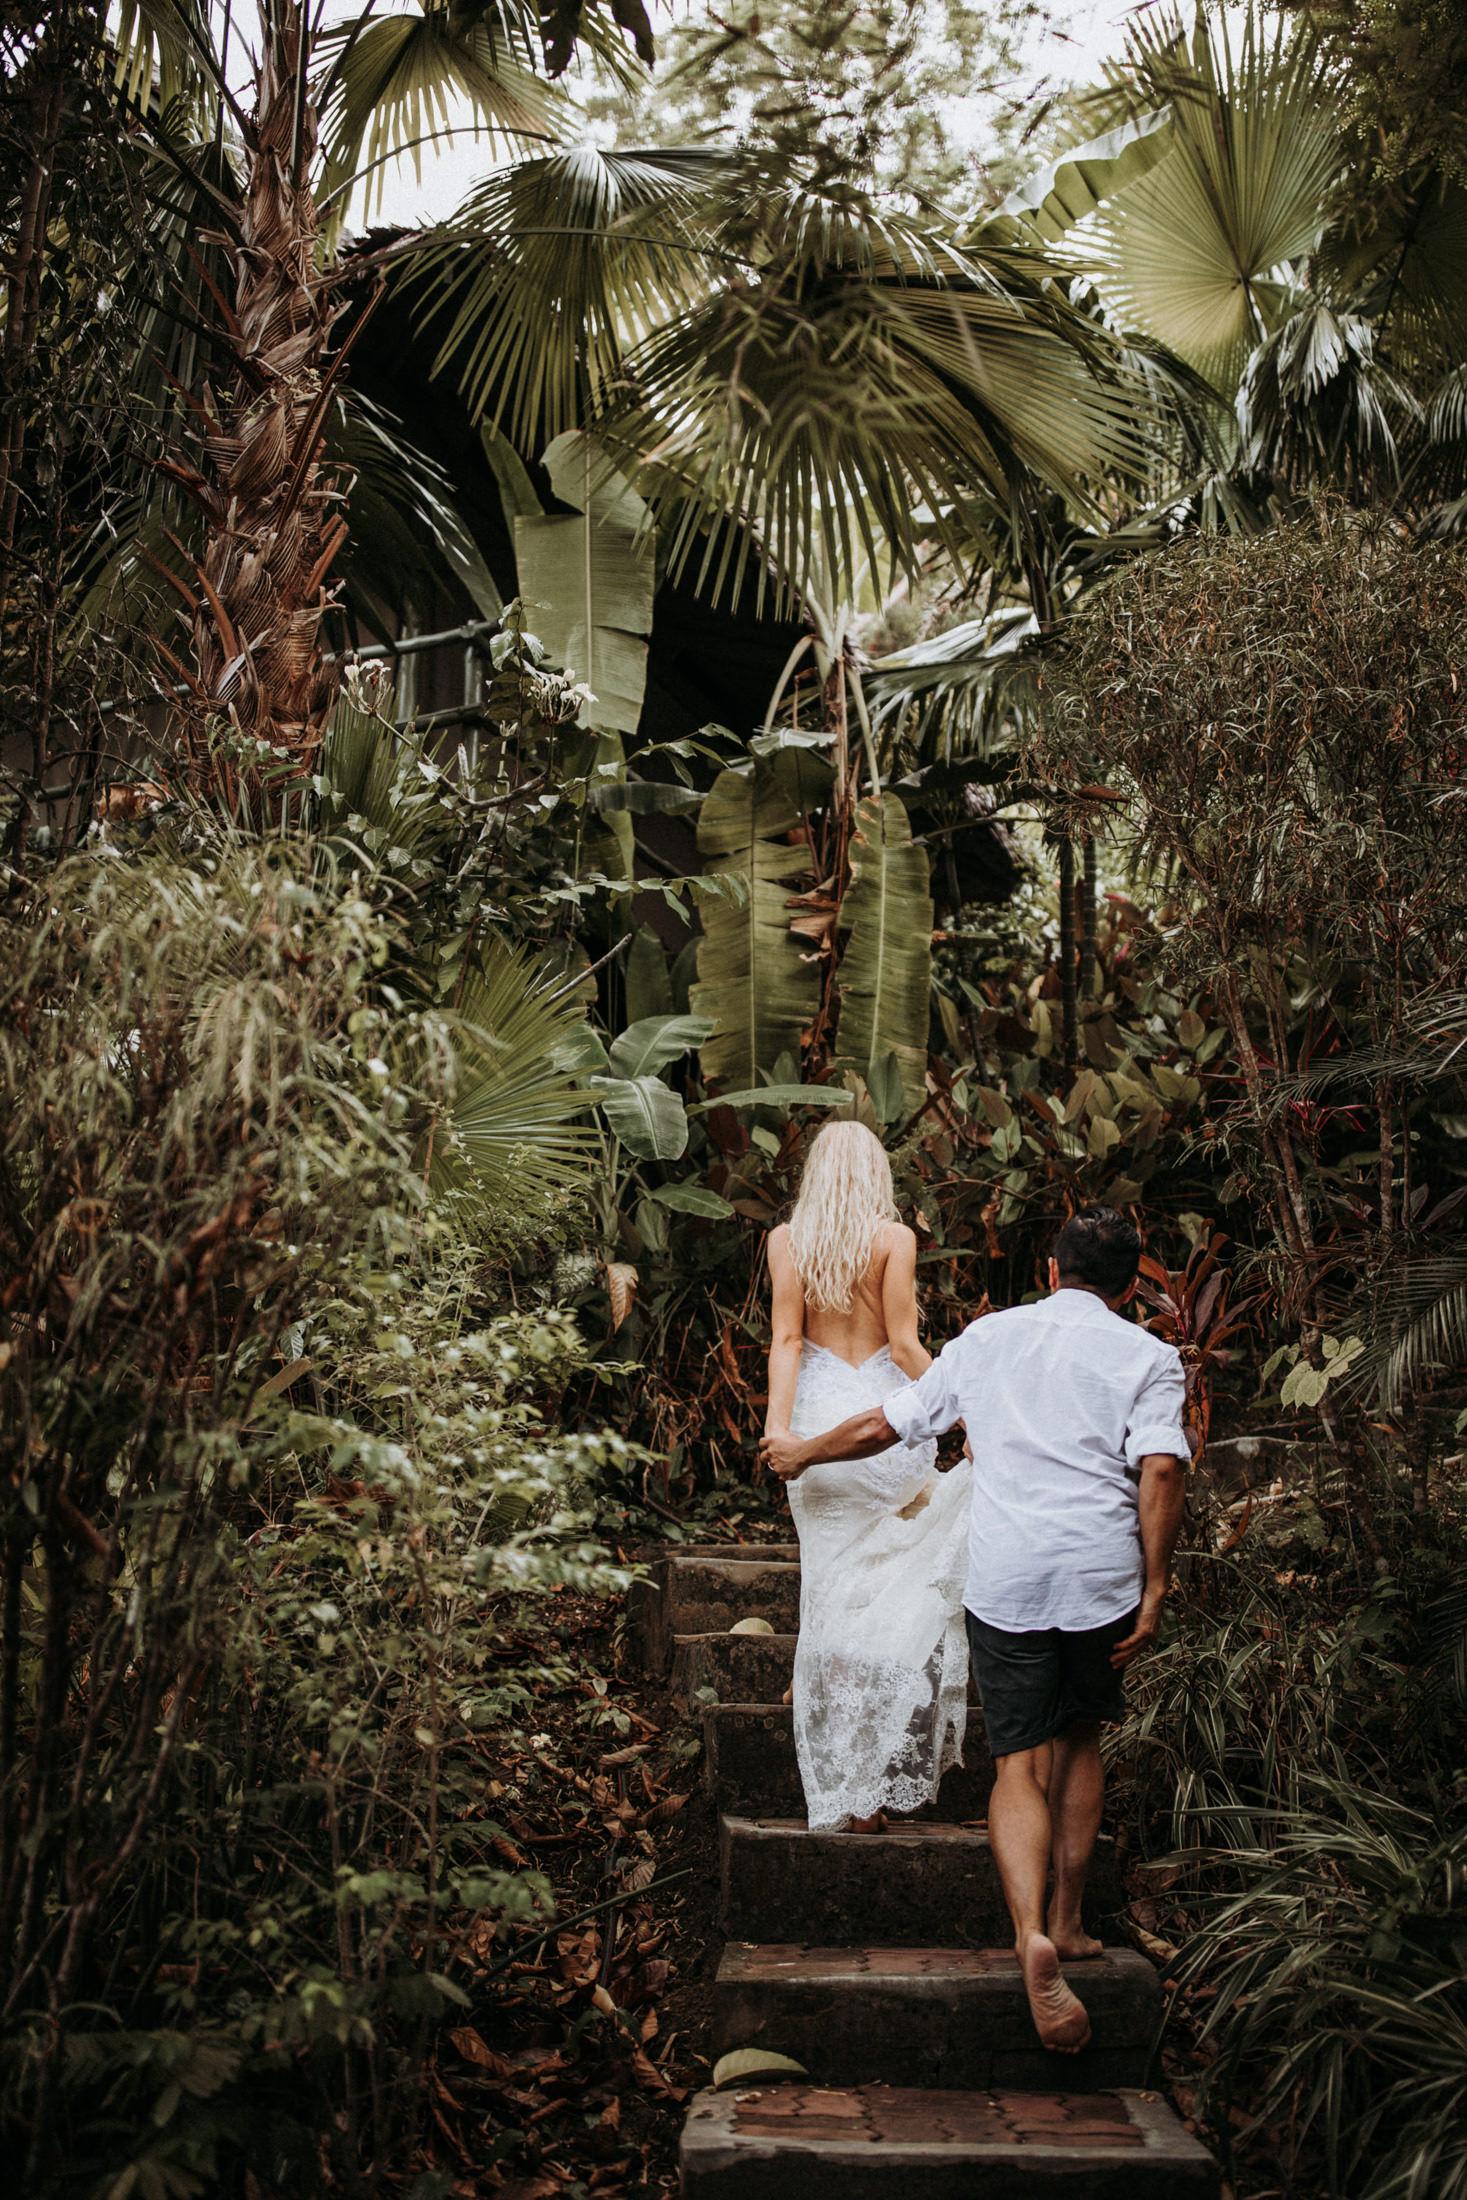 DanielaMarquardt_Wedding_Thailand_458